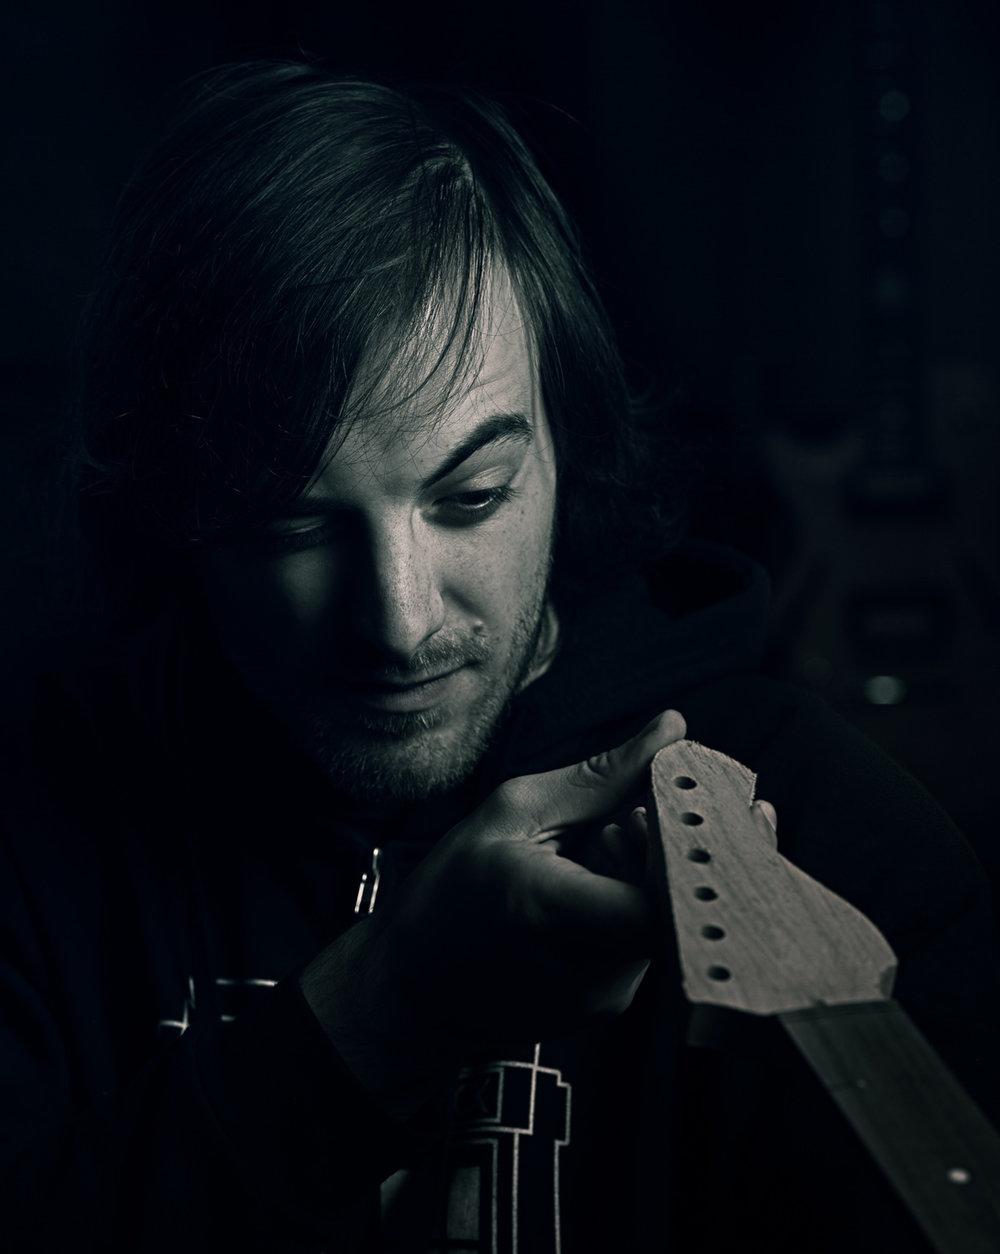 Luigi Valenti - Hand-wound pickup maestro